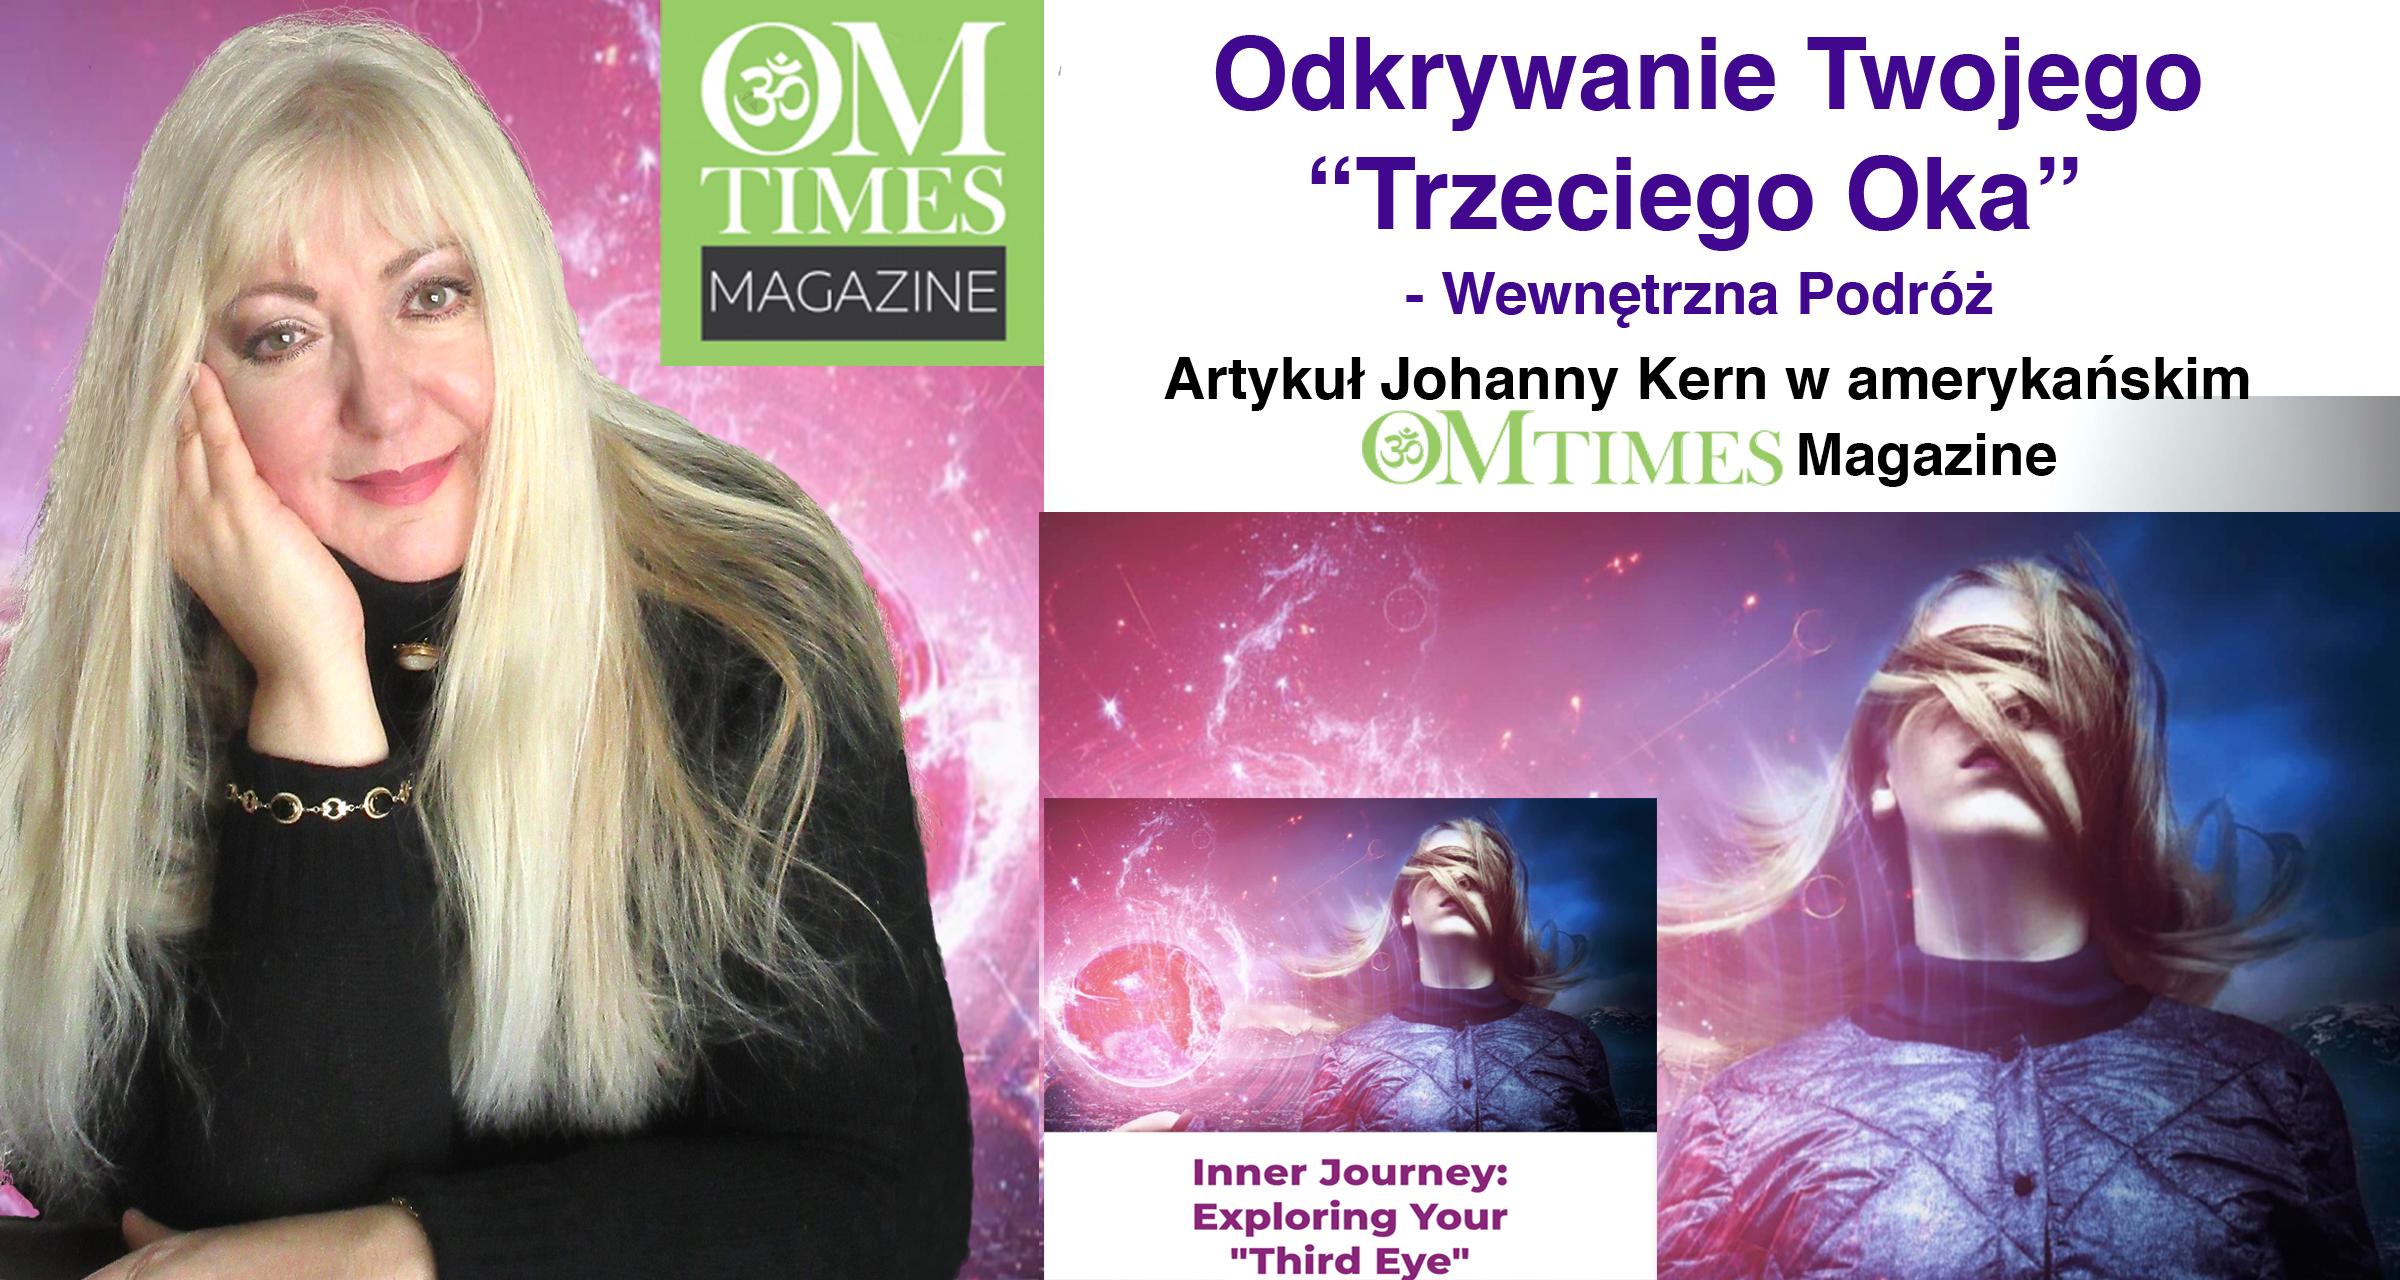 Odkrywanie Twojego Trzeciego Oka - Johanna Kern